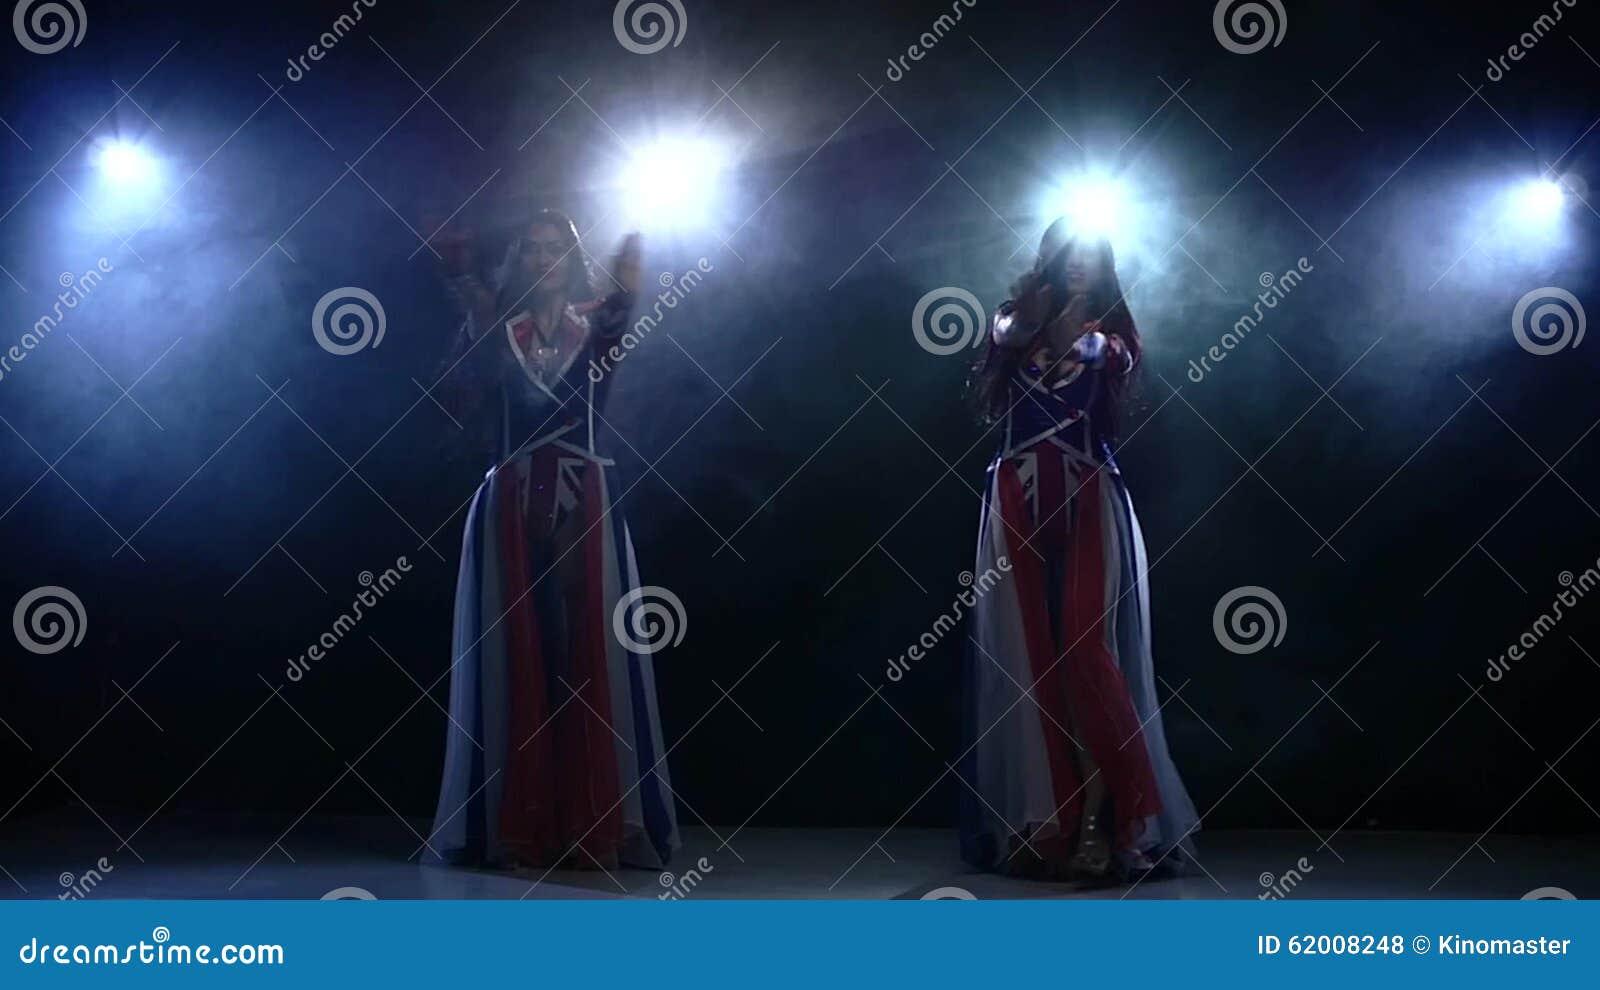 Молодые девочки медленно танцуют стриптиз